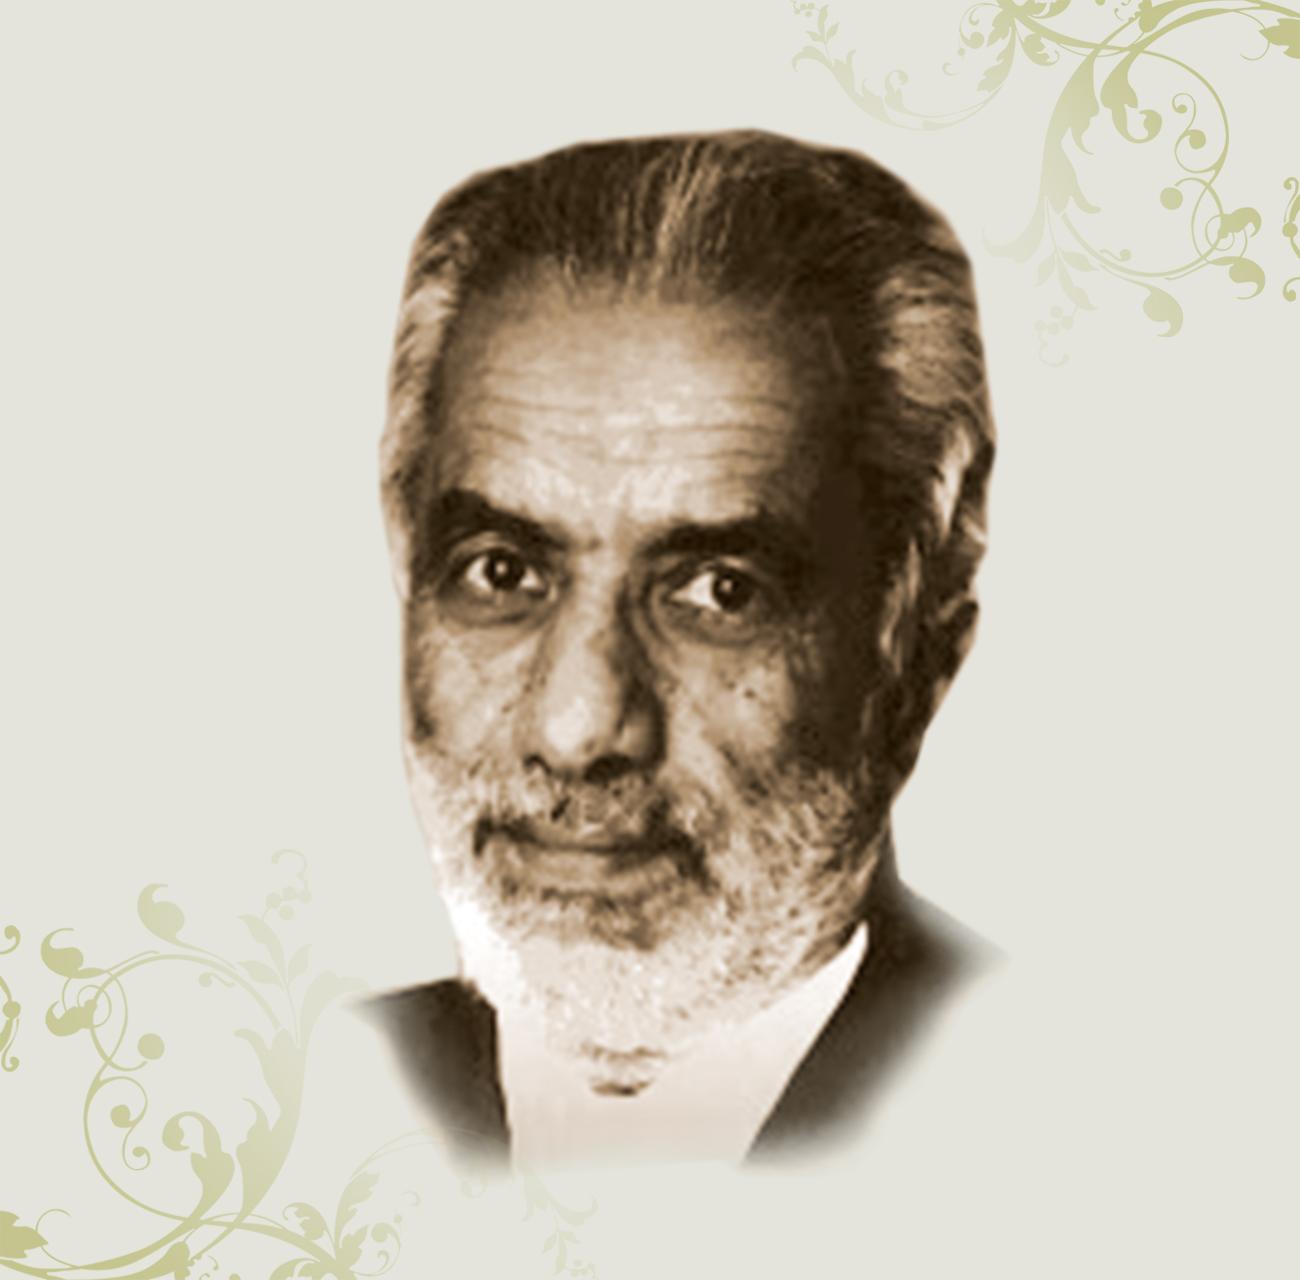 بیوگرافی دکتر محمد قریب,دکتر محمد قریب که بود,زندگینامه بزرگان